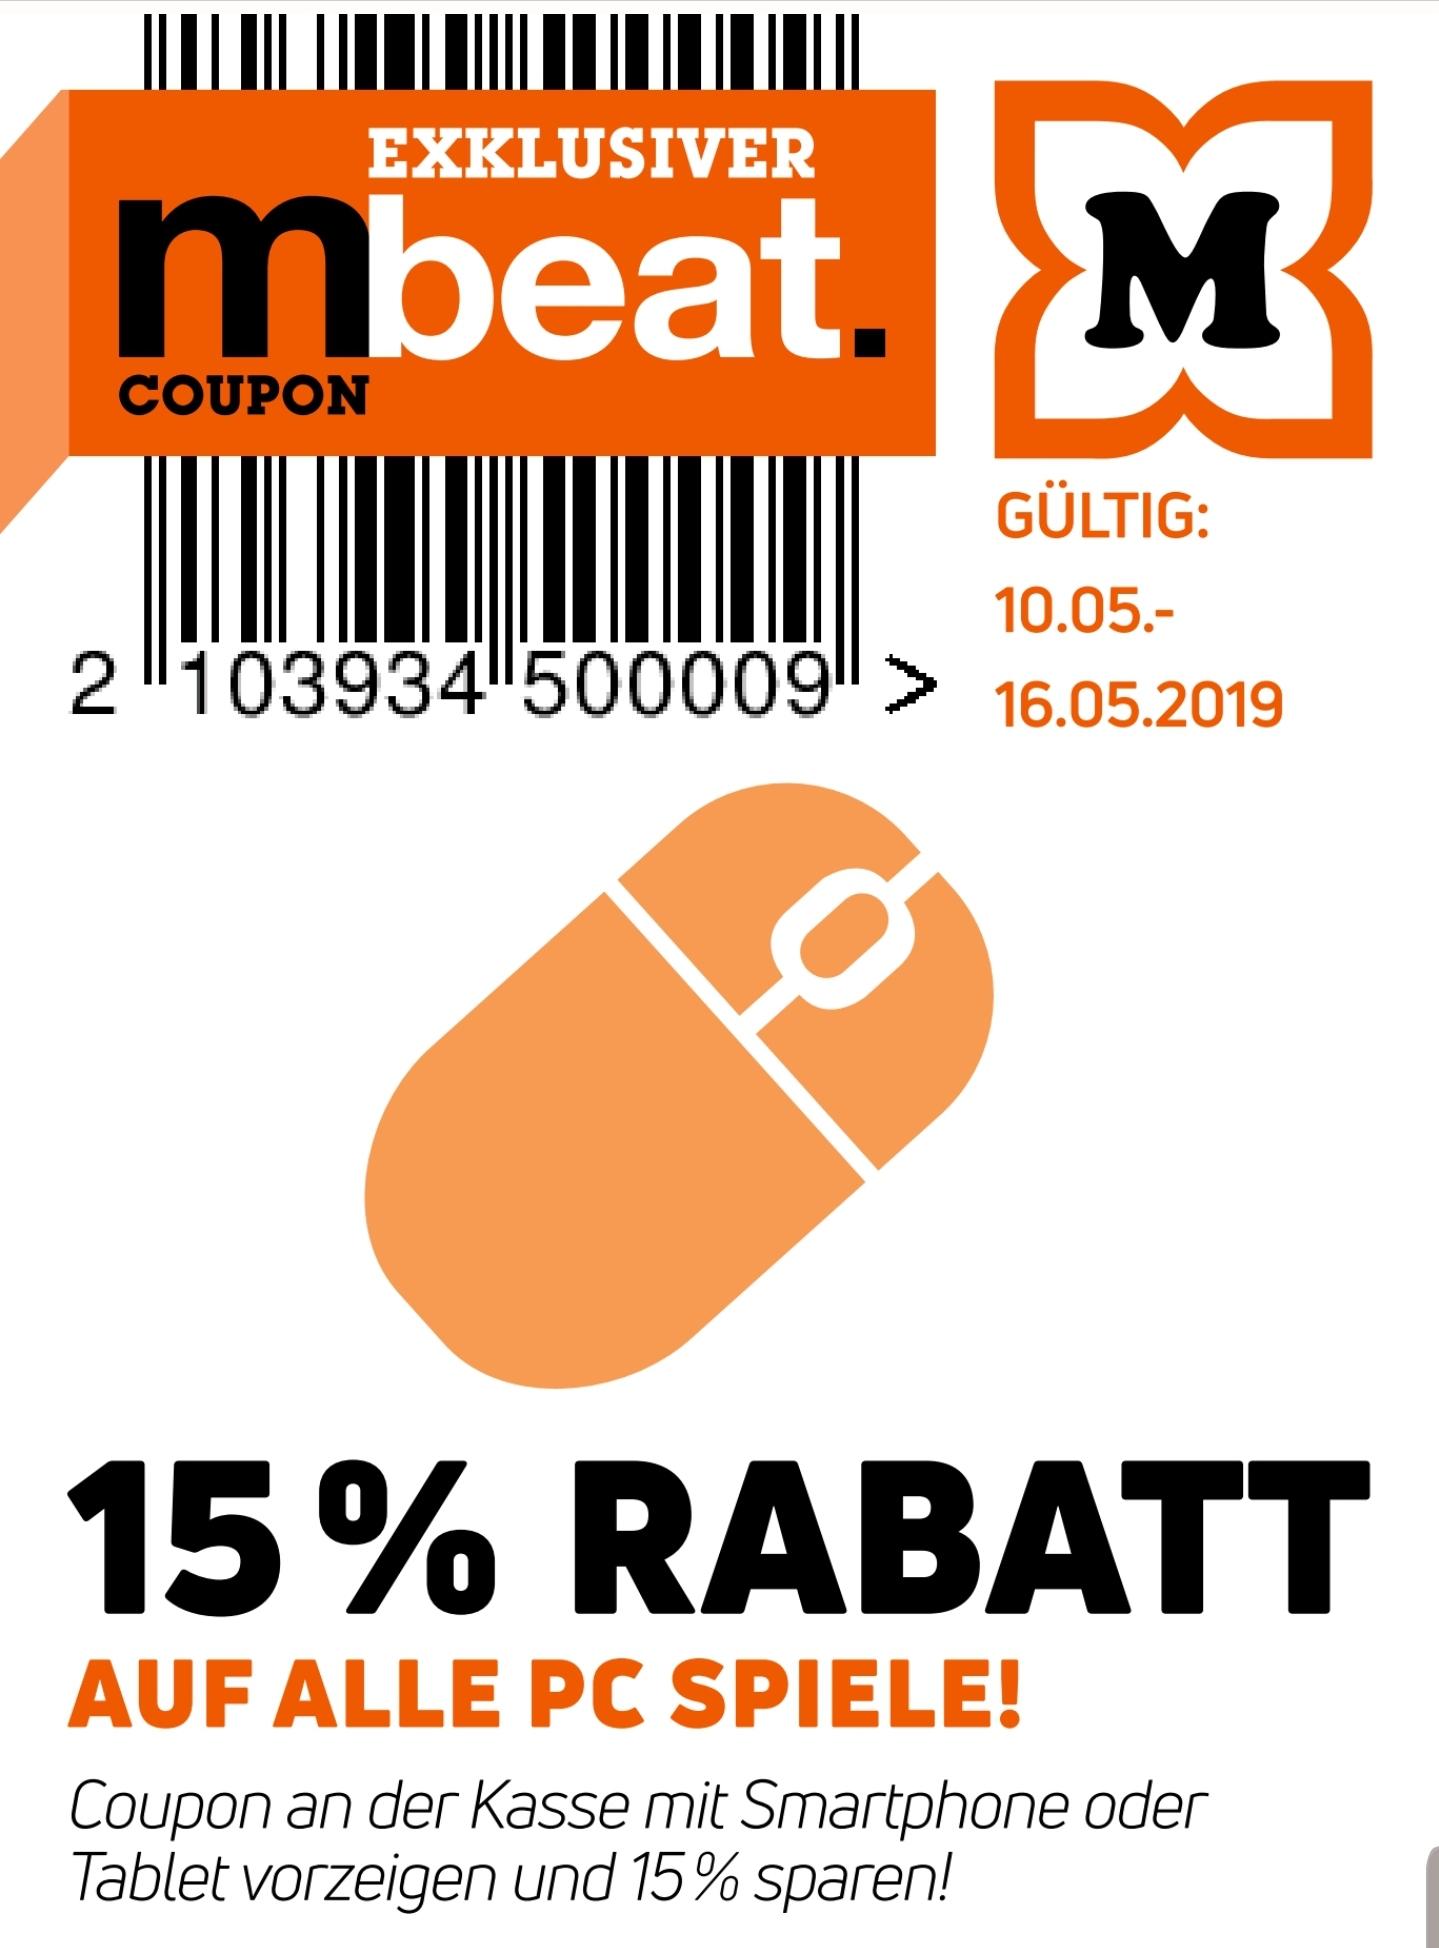 15% Rabatt auf alle PC Spiele [ab 10.05. Müller Offline]